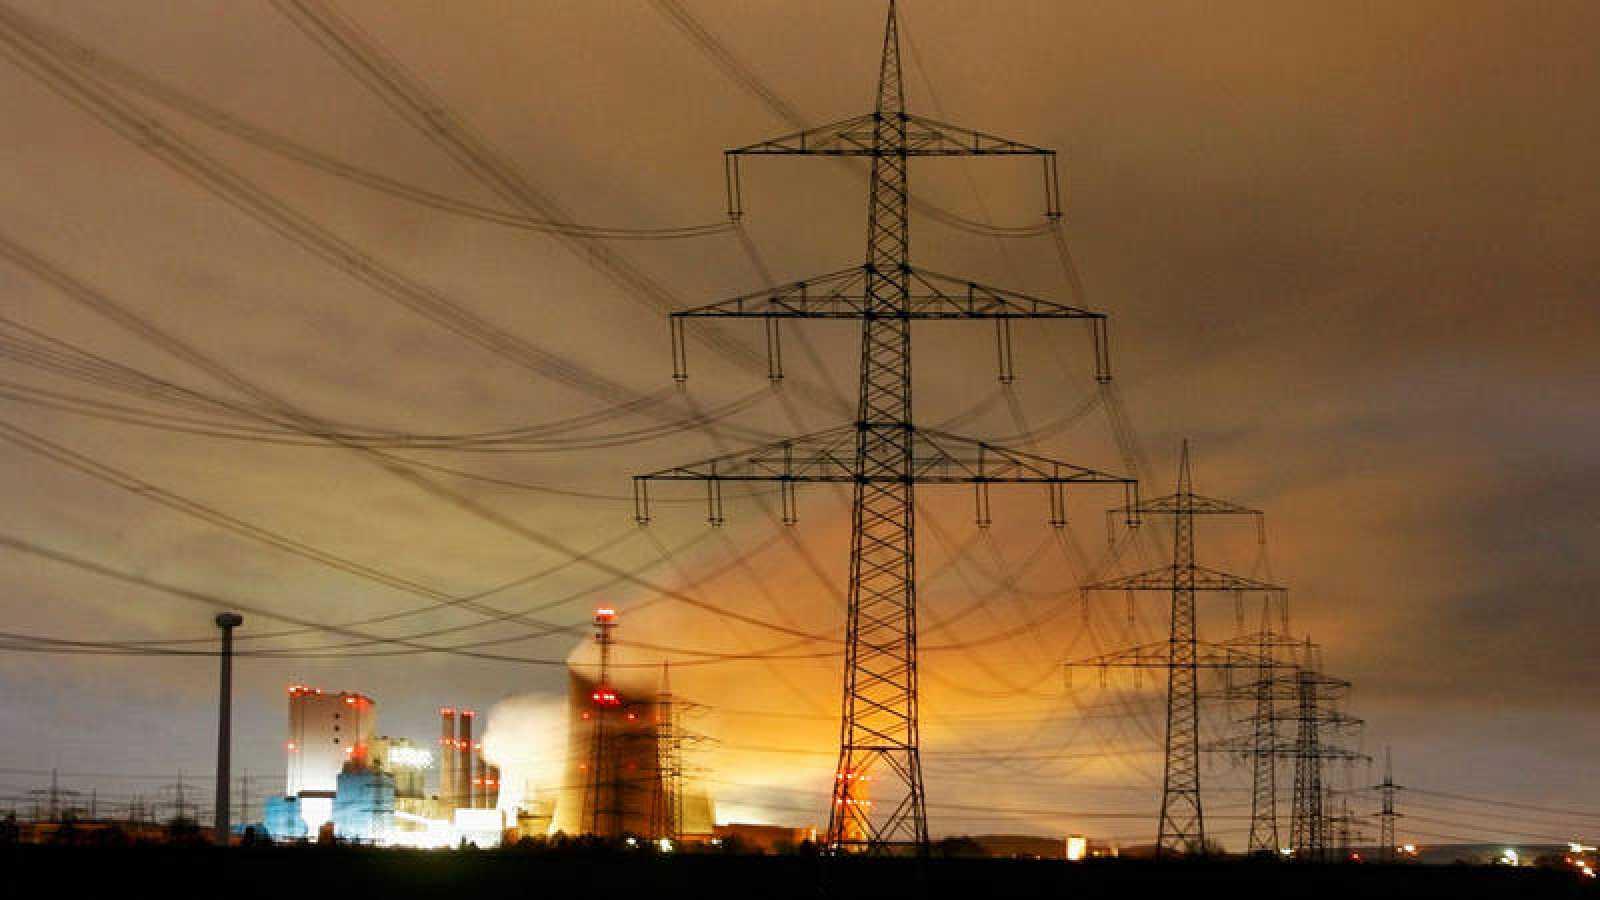 Torres de electricidad enfrente de una central térmica